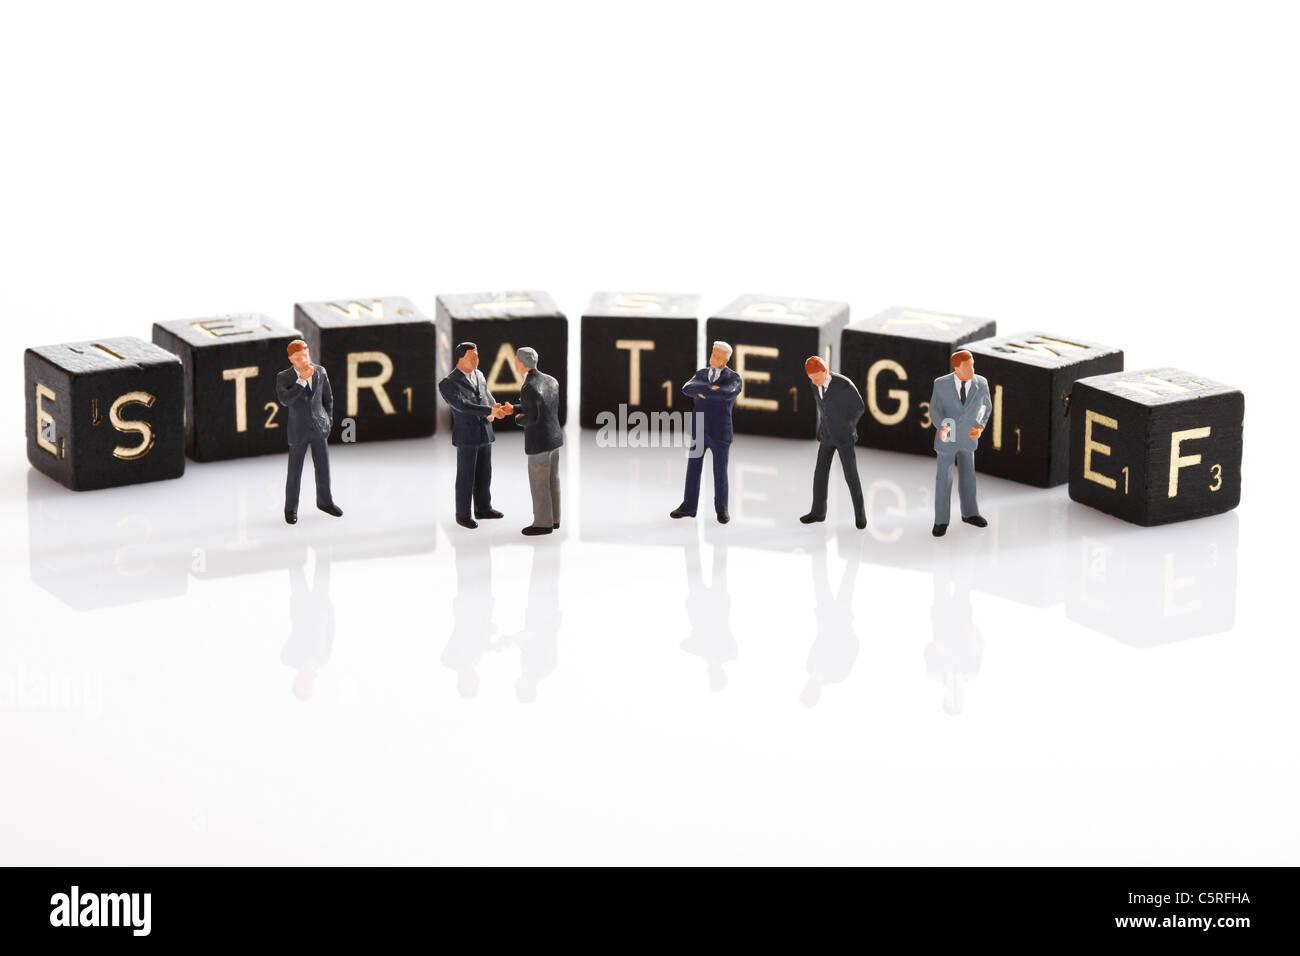 Scrabble tiles formant le mot stratégie, en premier plan business men figurines Photo Stock